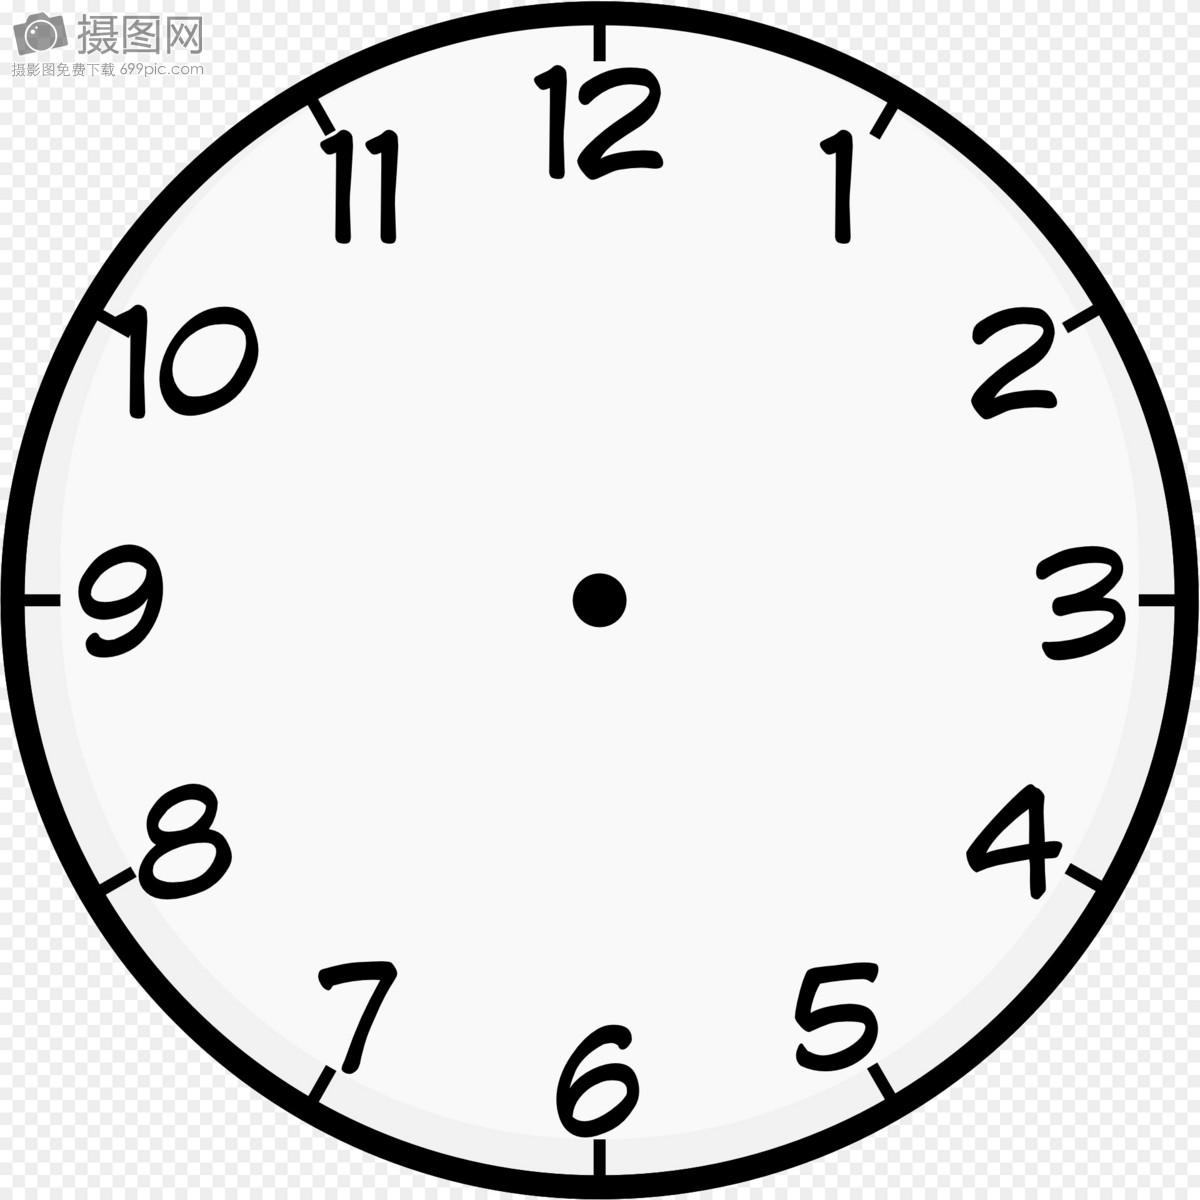 没有指针与秒针的时钟